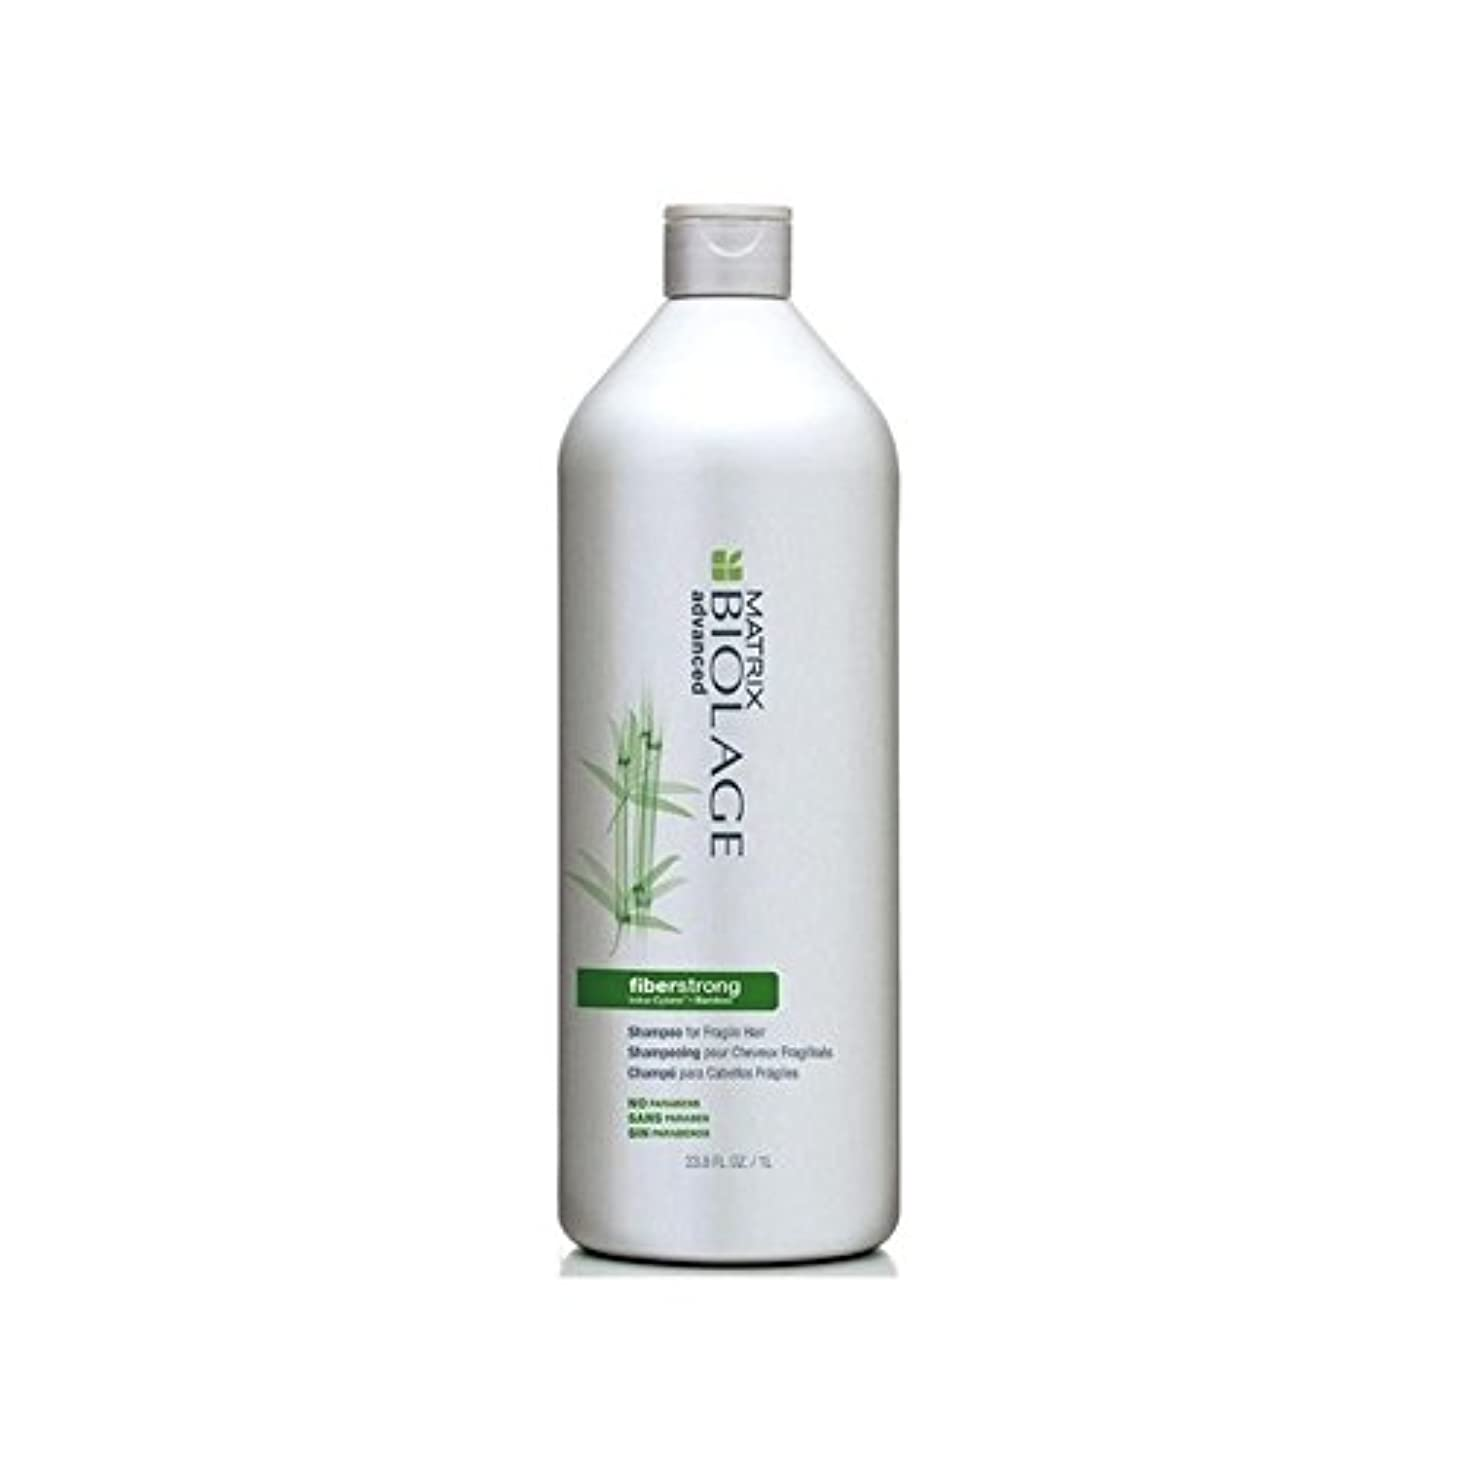 ブランチまっすぐ些細なMatrix Biolage Fiberstrong Shampoo (1000ml) With Pump (Pack of 6) - ポンプを有するマトリックスバイオレイジのシャンプー(千ミリリットル) x6 [並行輸入品]